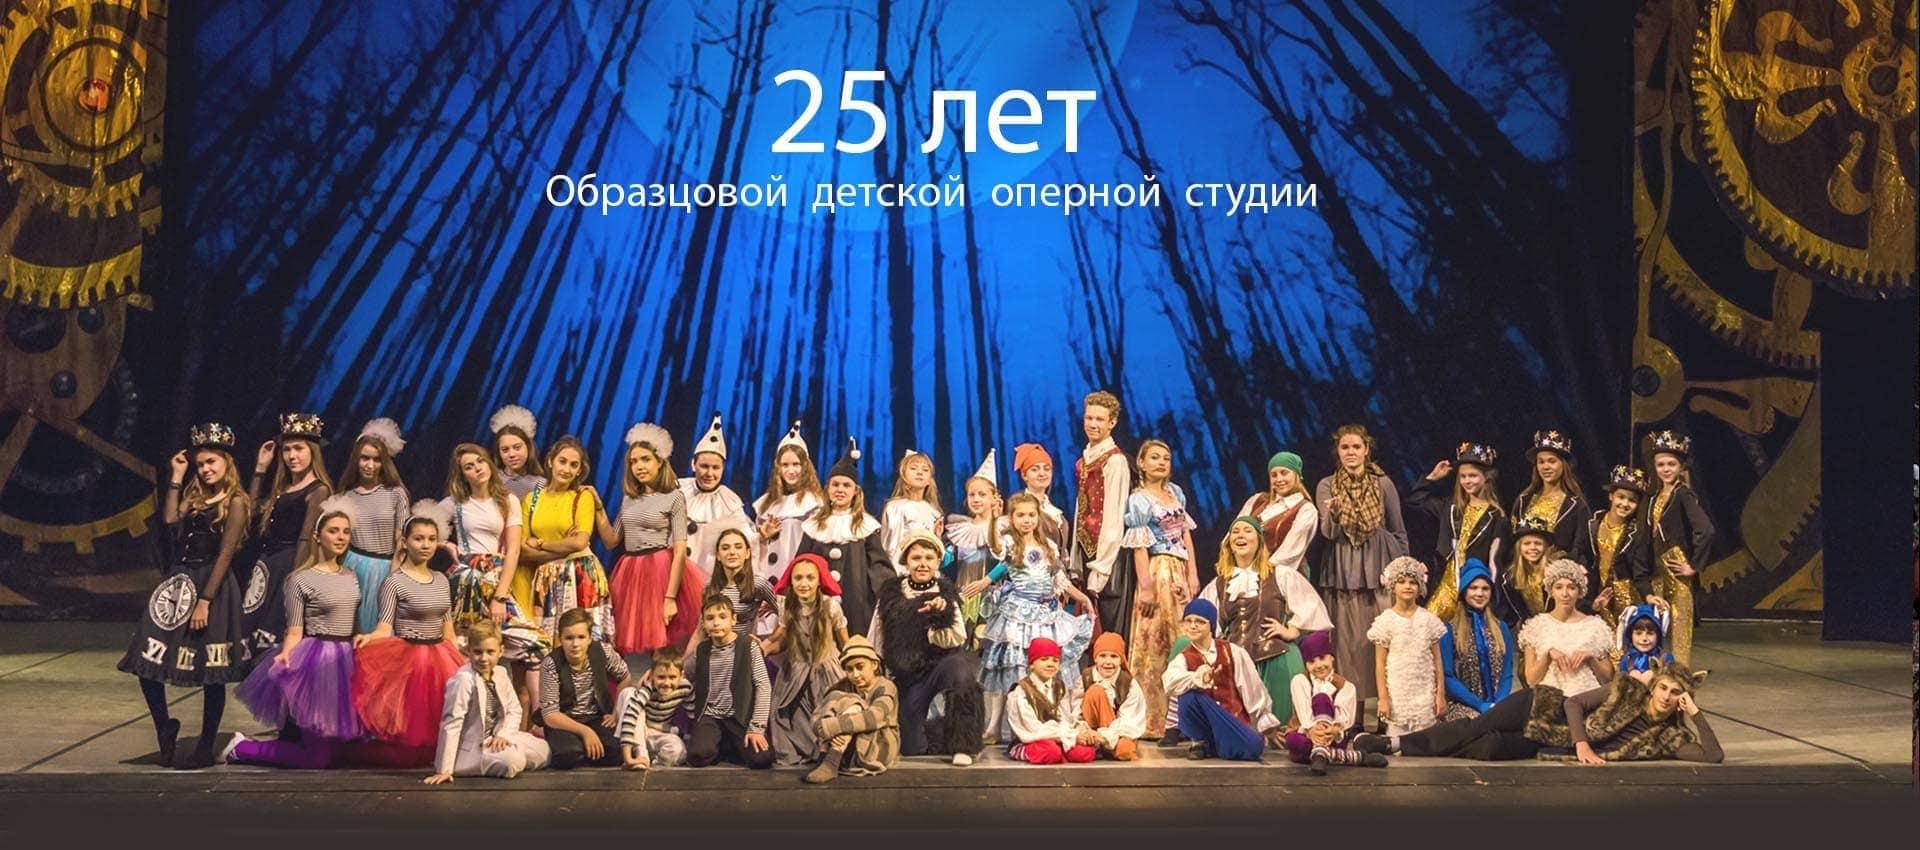 Образцовая детская оперная студия Красноярского театра оперы и балета отмечает 25-летие